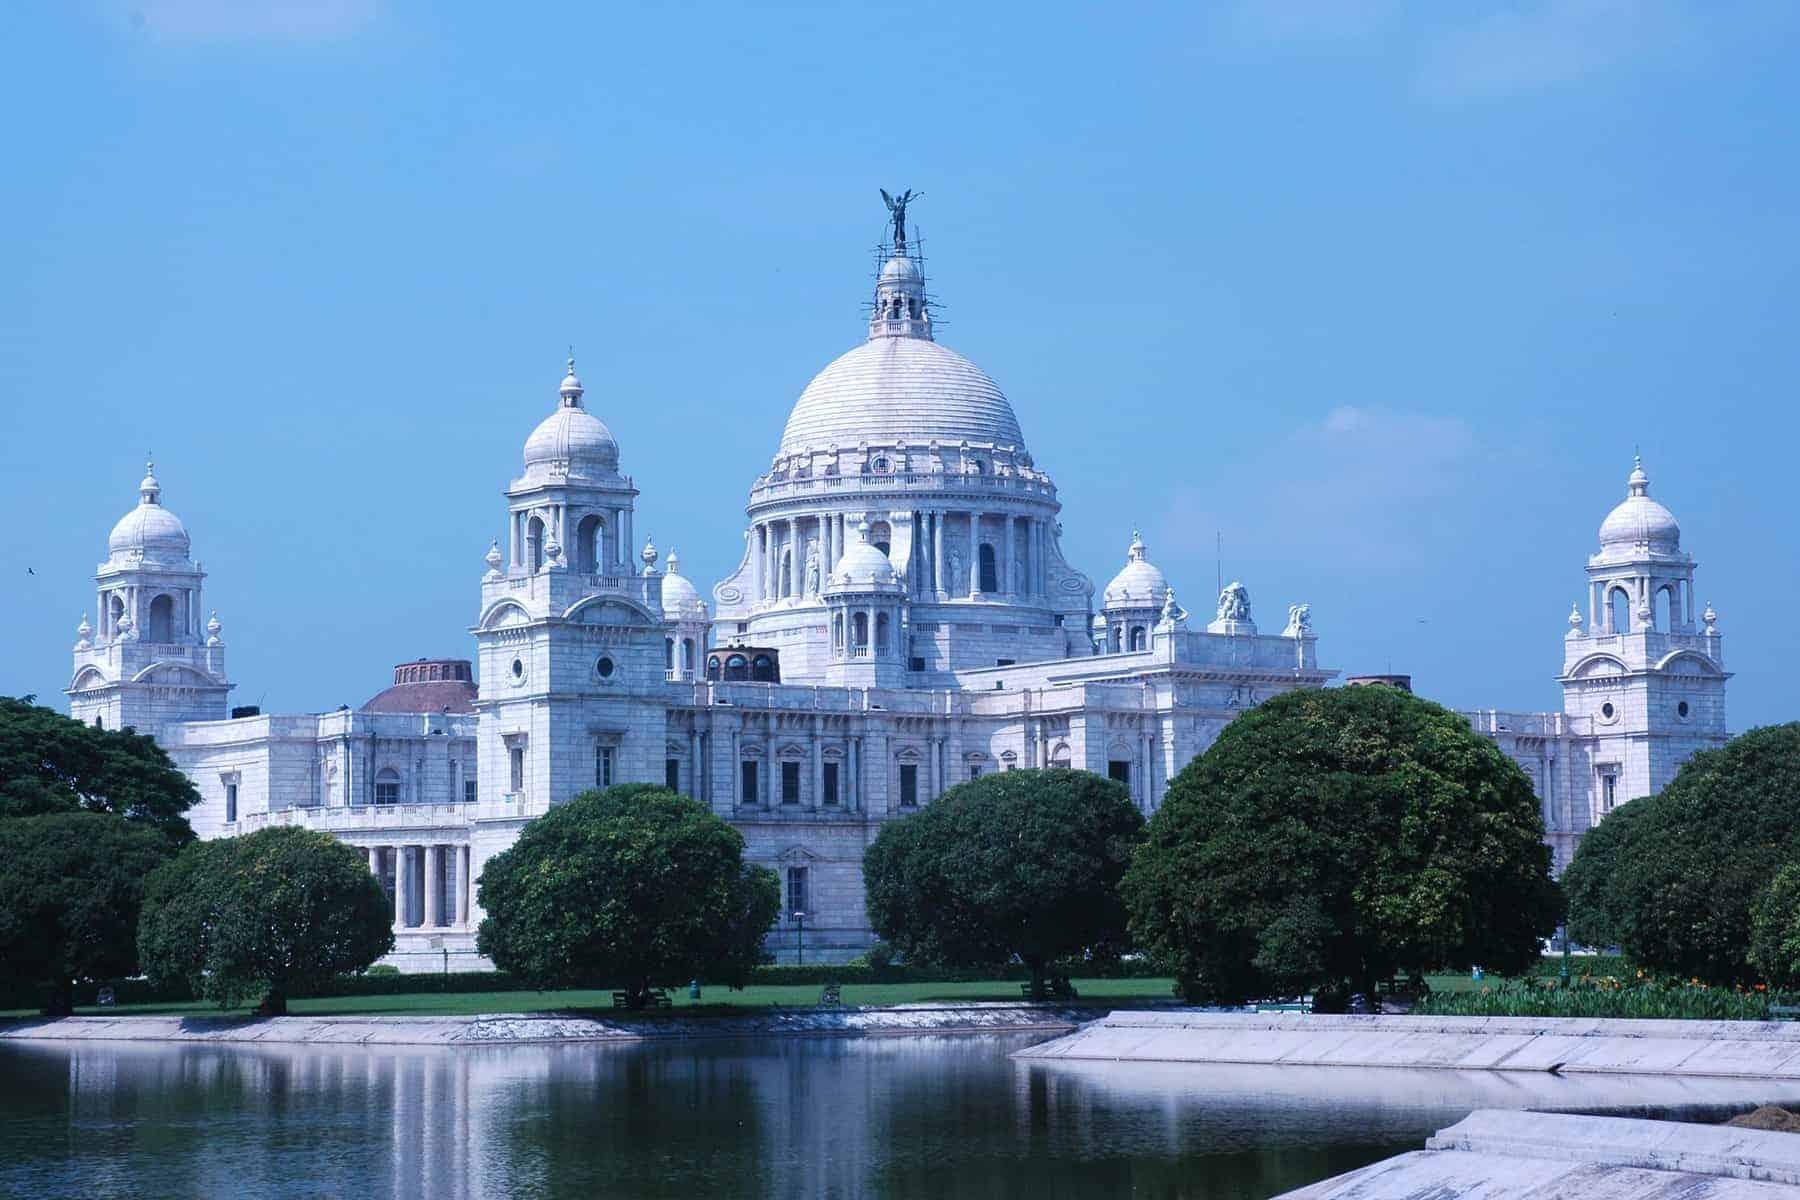 The full view of Victoria Memorial, Kolkata (Calcutta), India, in a bright and sunny day.